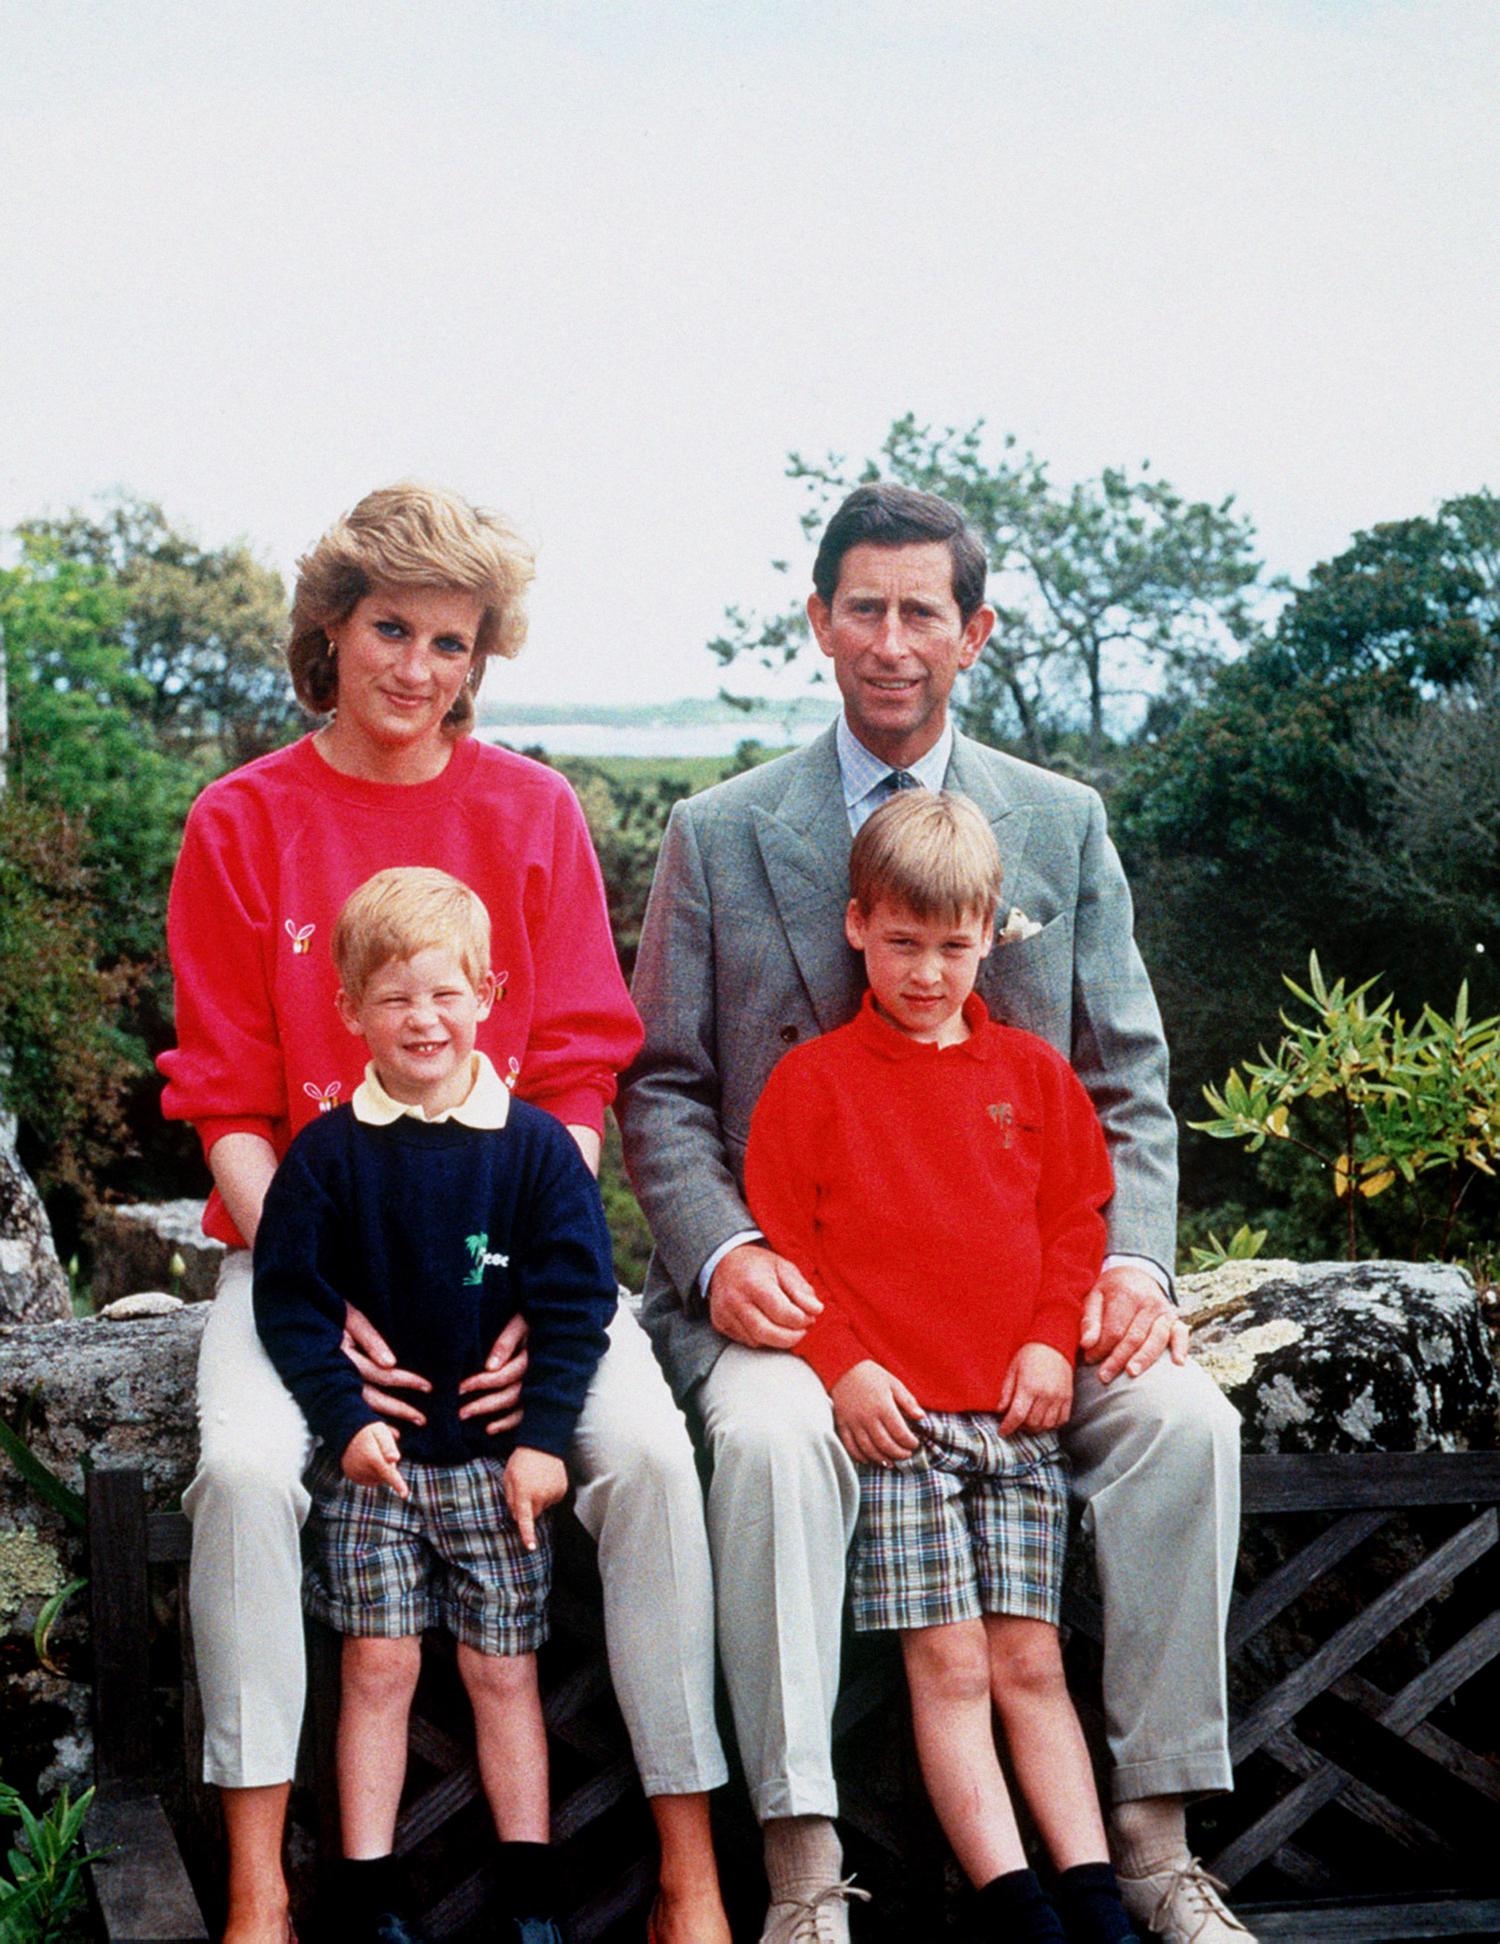 Nguyên do Hoàng tử William hết lòng yêu thương vợ, đó là bởi trước khi mất Công nương Diana đã đến tận trường học nói với con trai câu này - Ảnh 4.